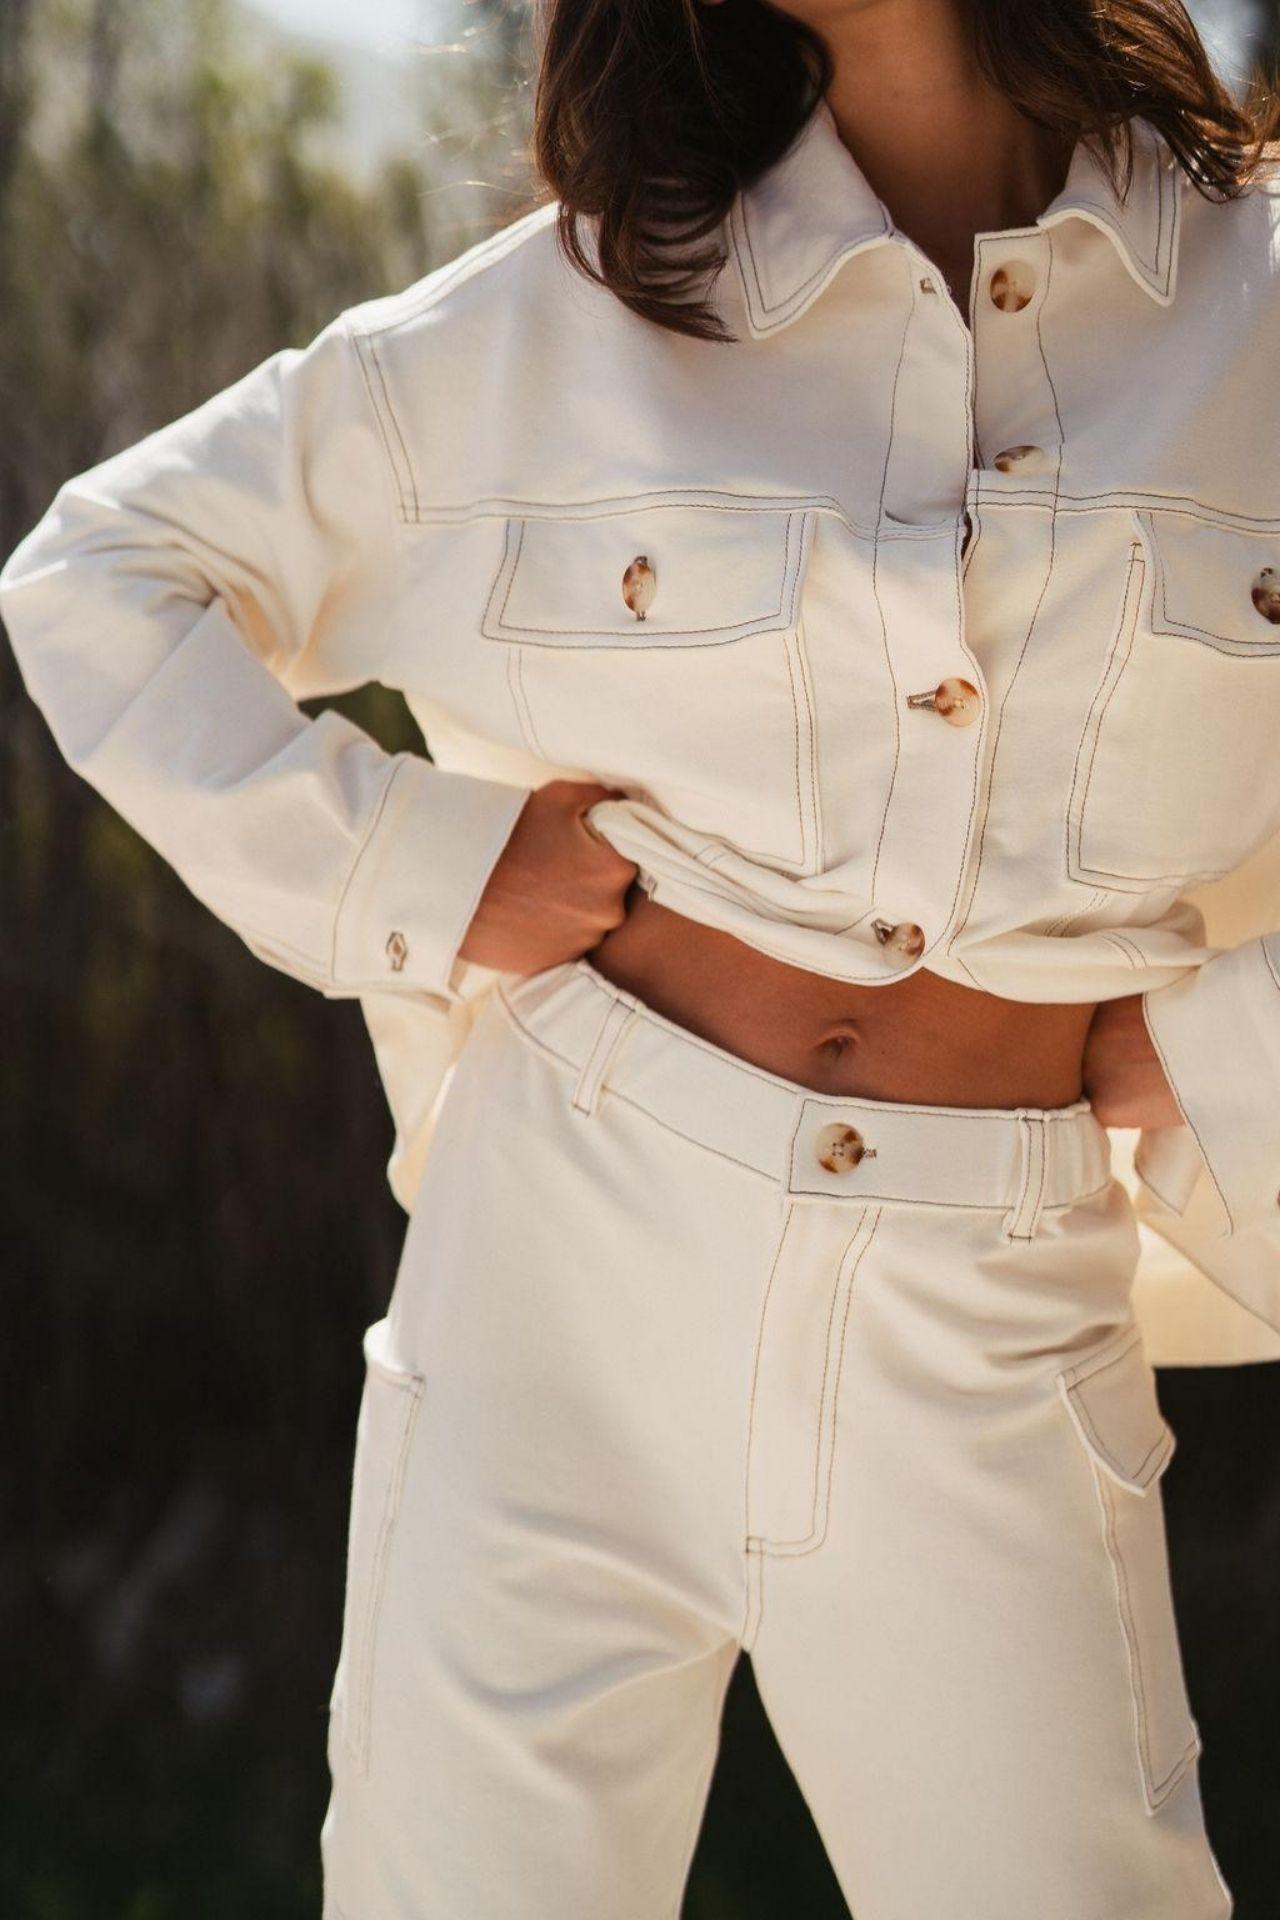 Pantalón Carmela confeccionado de french terry 100% algodón.